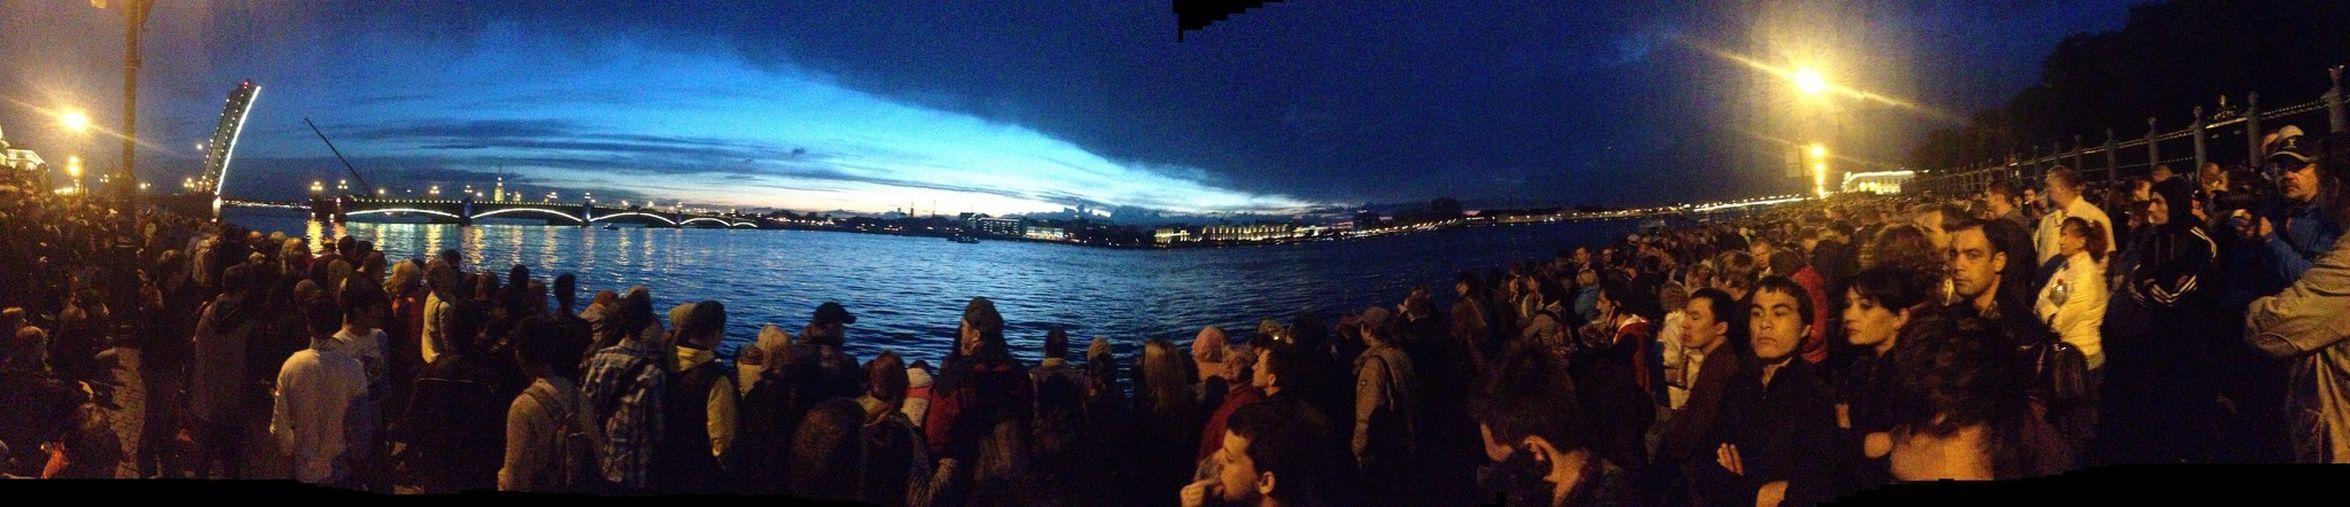 Санкт-Петербург санкт петербург,октябрьская набережная Дворцовый мост белые ночи